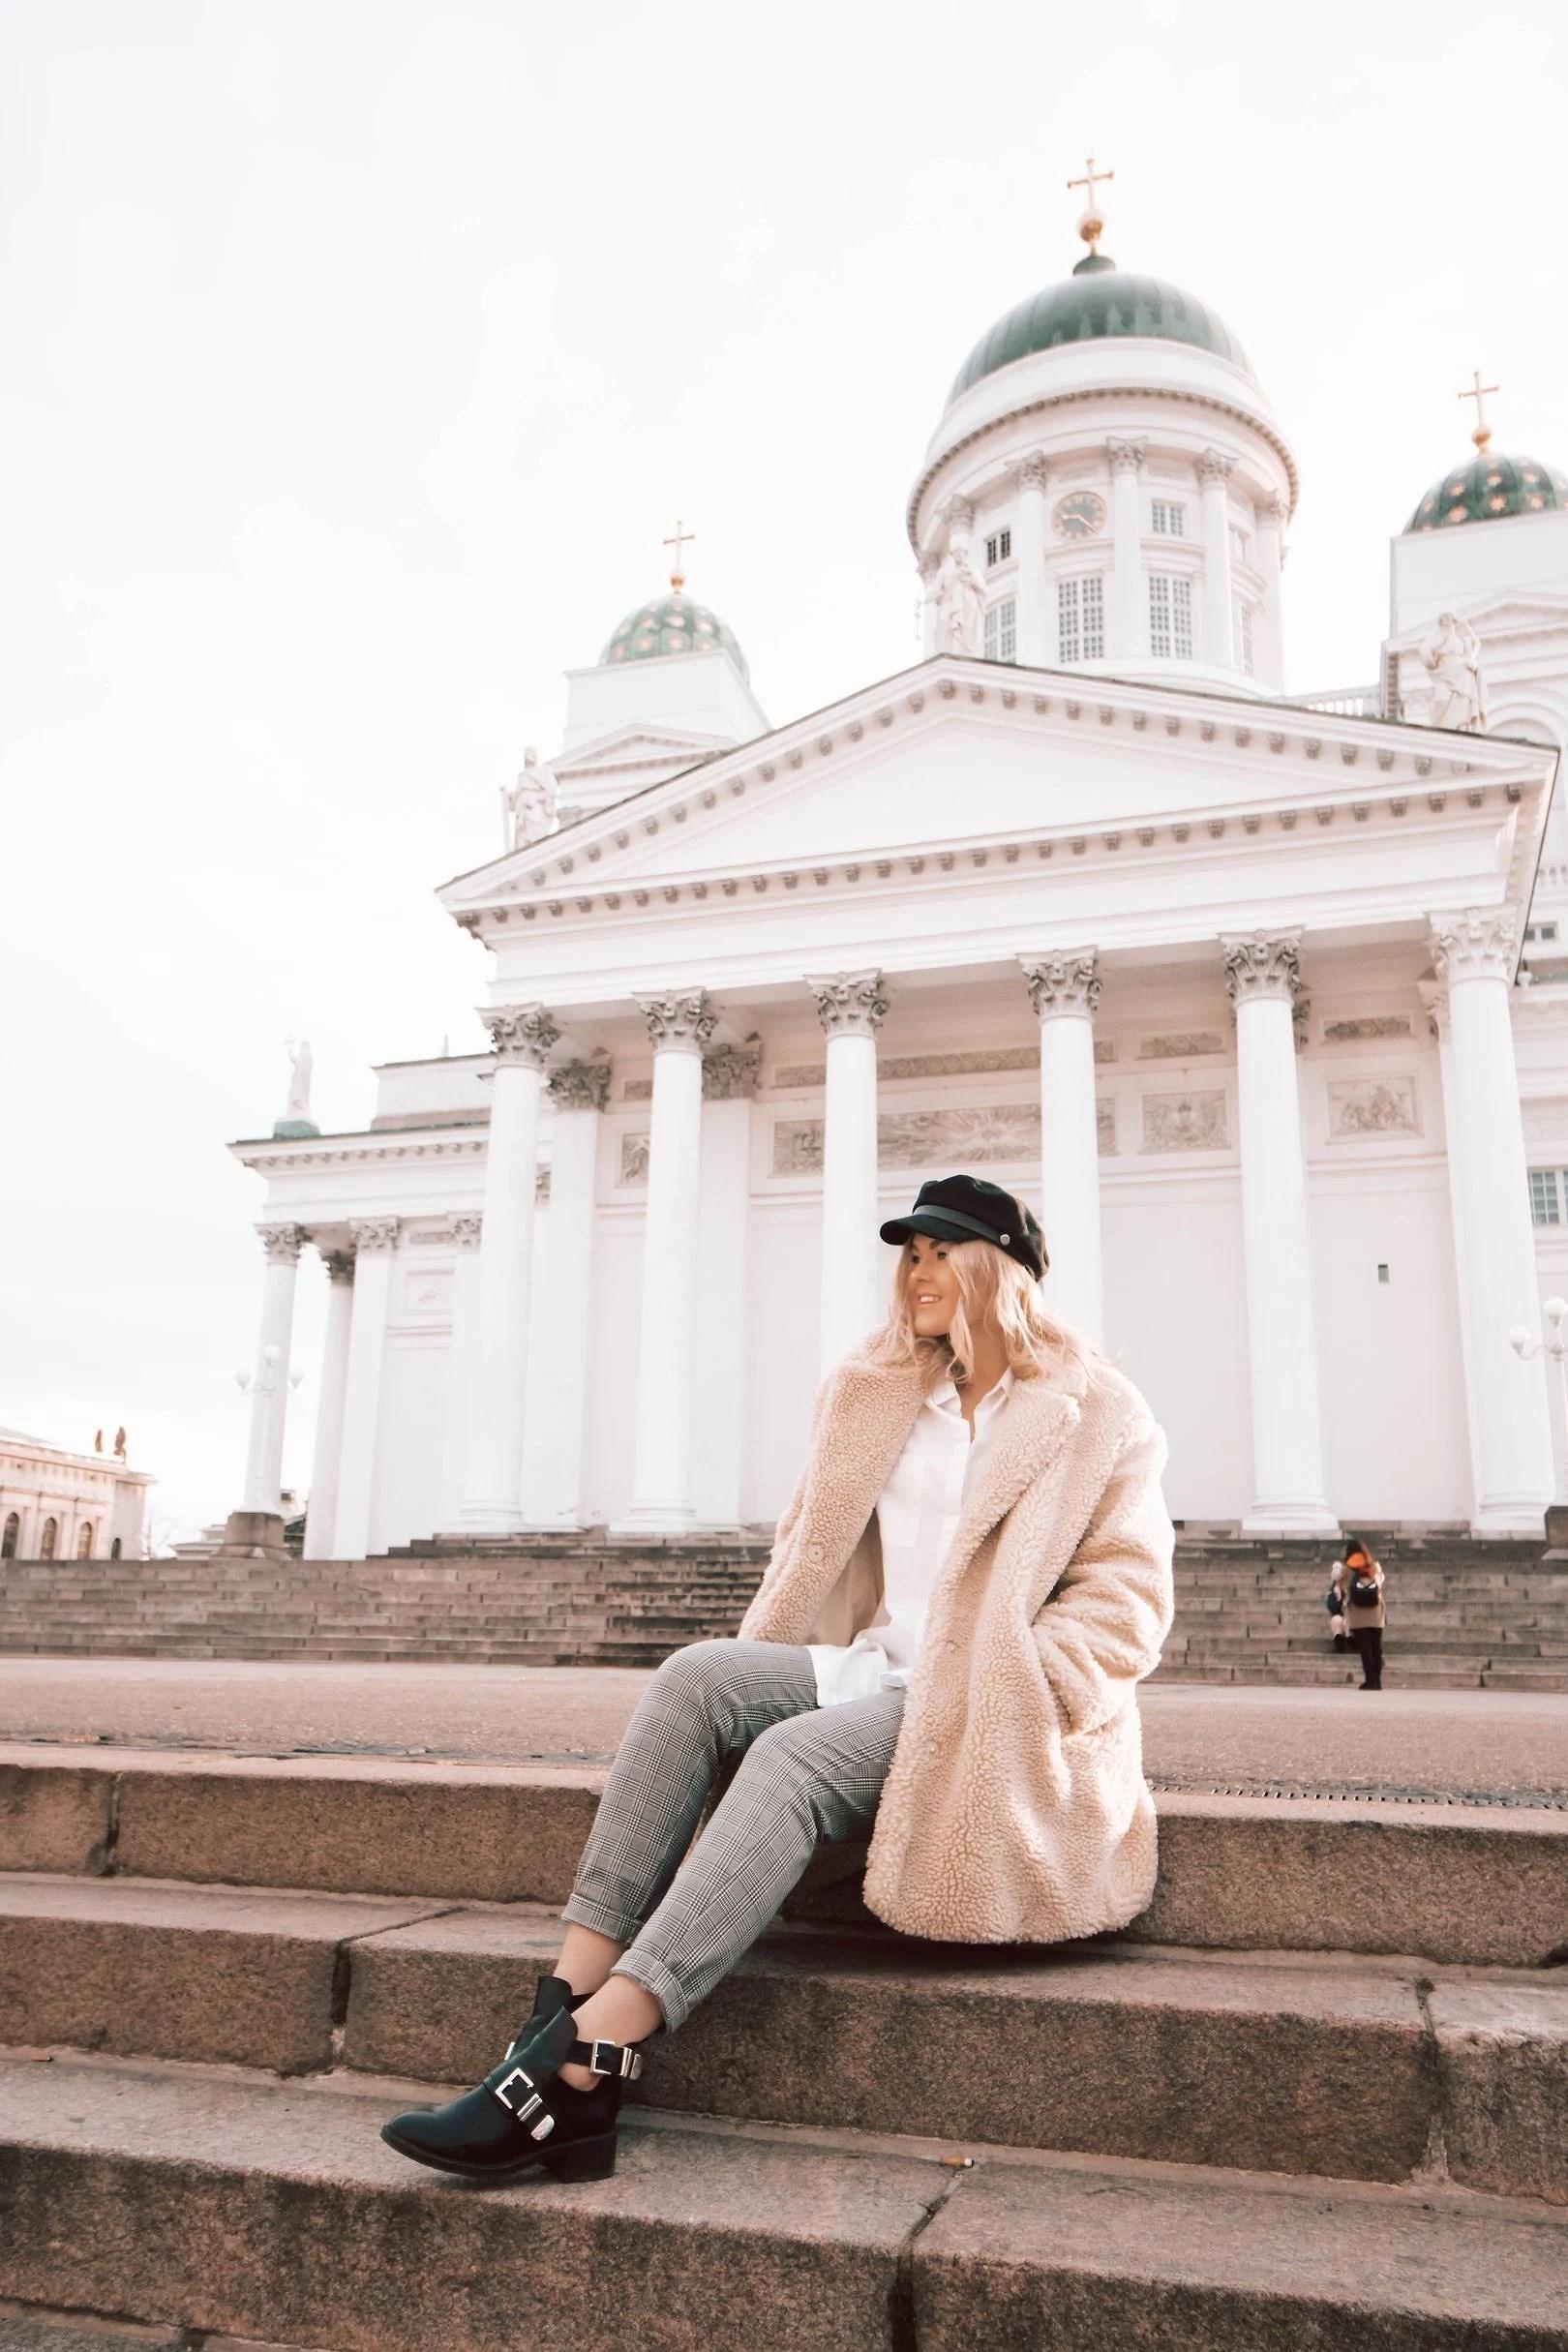 PELKONI, PAHEENI JA OUDOIMMAT TAPANI - 20 KYSYMYSTÄ JA VASTAUSTA